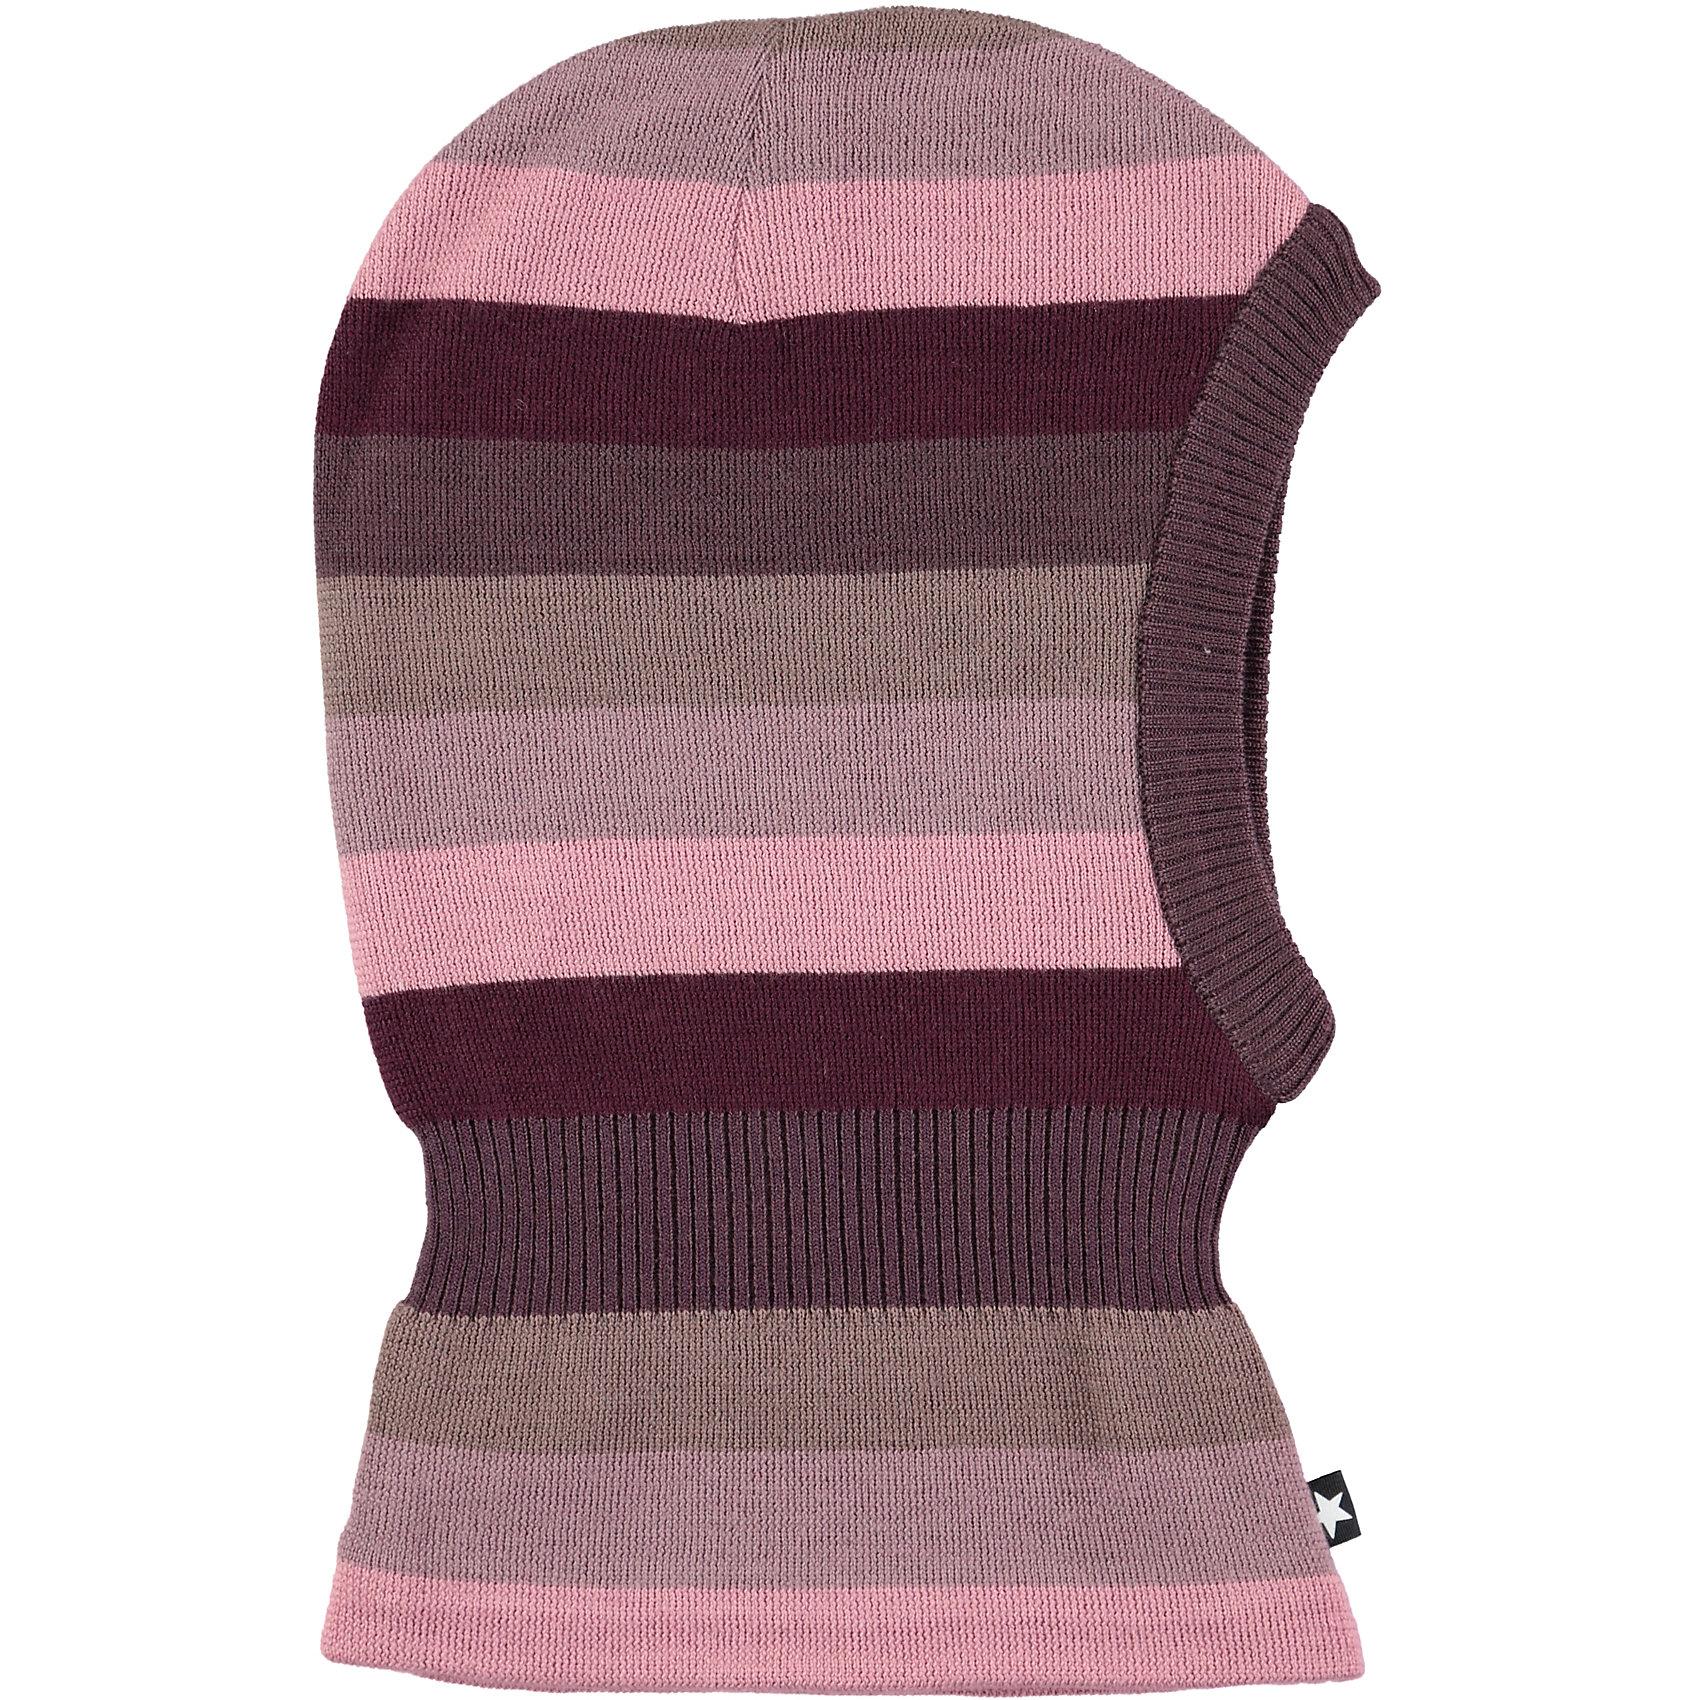 Шапка-шлем MOLO для девочкиГоловные уборы<br>Балаклава зимняя Molo отлично защищает от холода и ветра, изготовлена из высококачественных материалов не вызывающих аллергию, имеет дополнительный флисовый слой<br><br>Ширина мм: 89<br>Глубина мм: 117<br>Высота мм: 44<br>Вес г: 155<br>Цвет: белый<br>Возраст от месяцев: 12<br>Возраст до месяцев: 18<br>Пол: Женский<br>Возраст: Детский<br>Размер: 46-48,50-54<br>SKU: 6995315